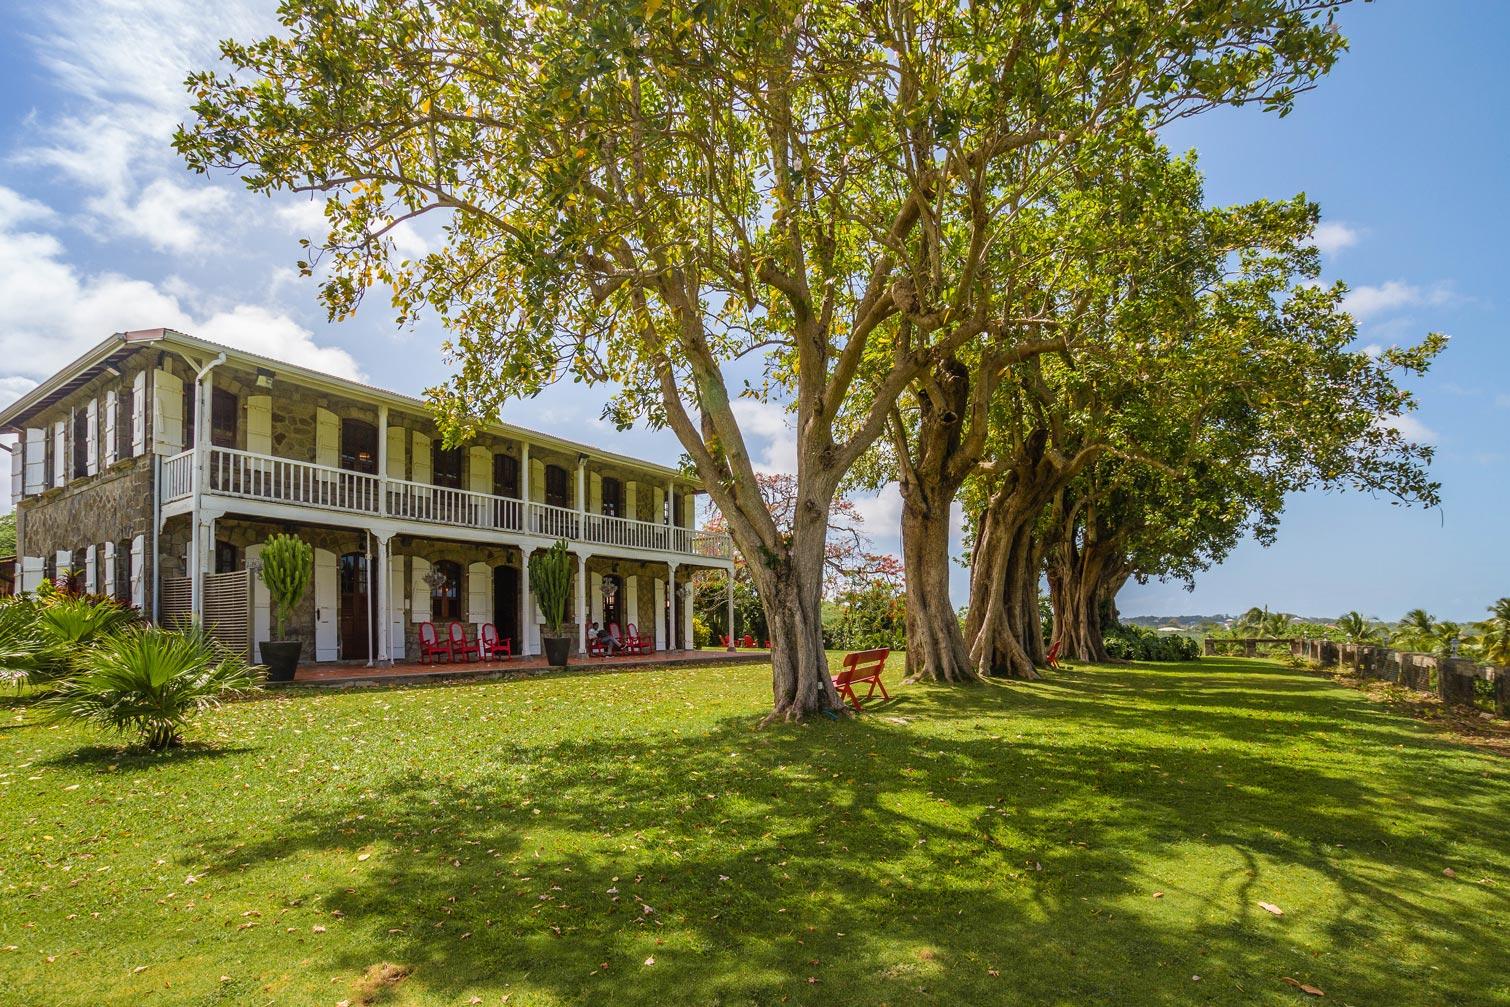 martinique, habitation du simon : maison creole et jardin